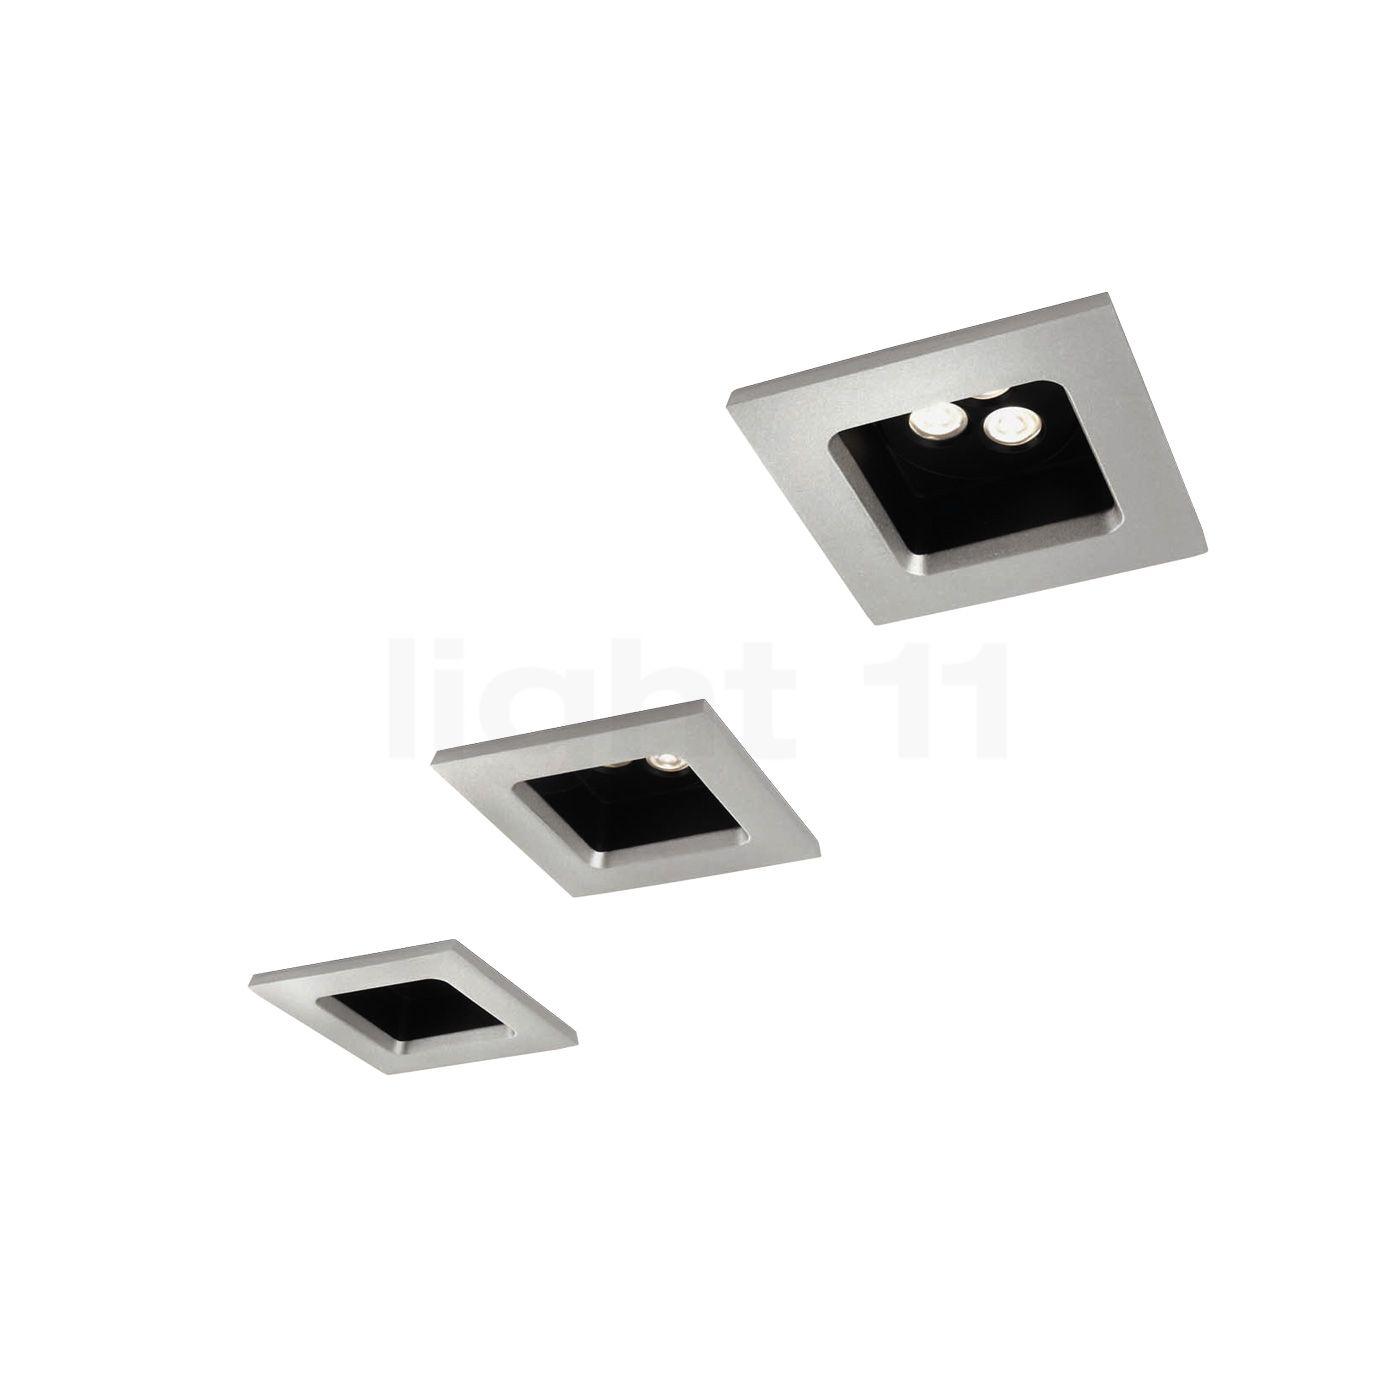 philips myliving stardust 57972 spot led spotlights. Black Bedroom Furniture Sets. Home Design Ideas